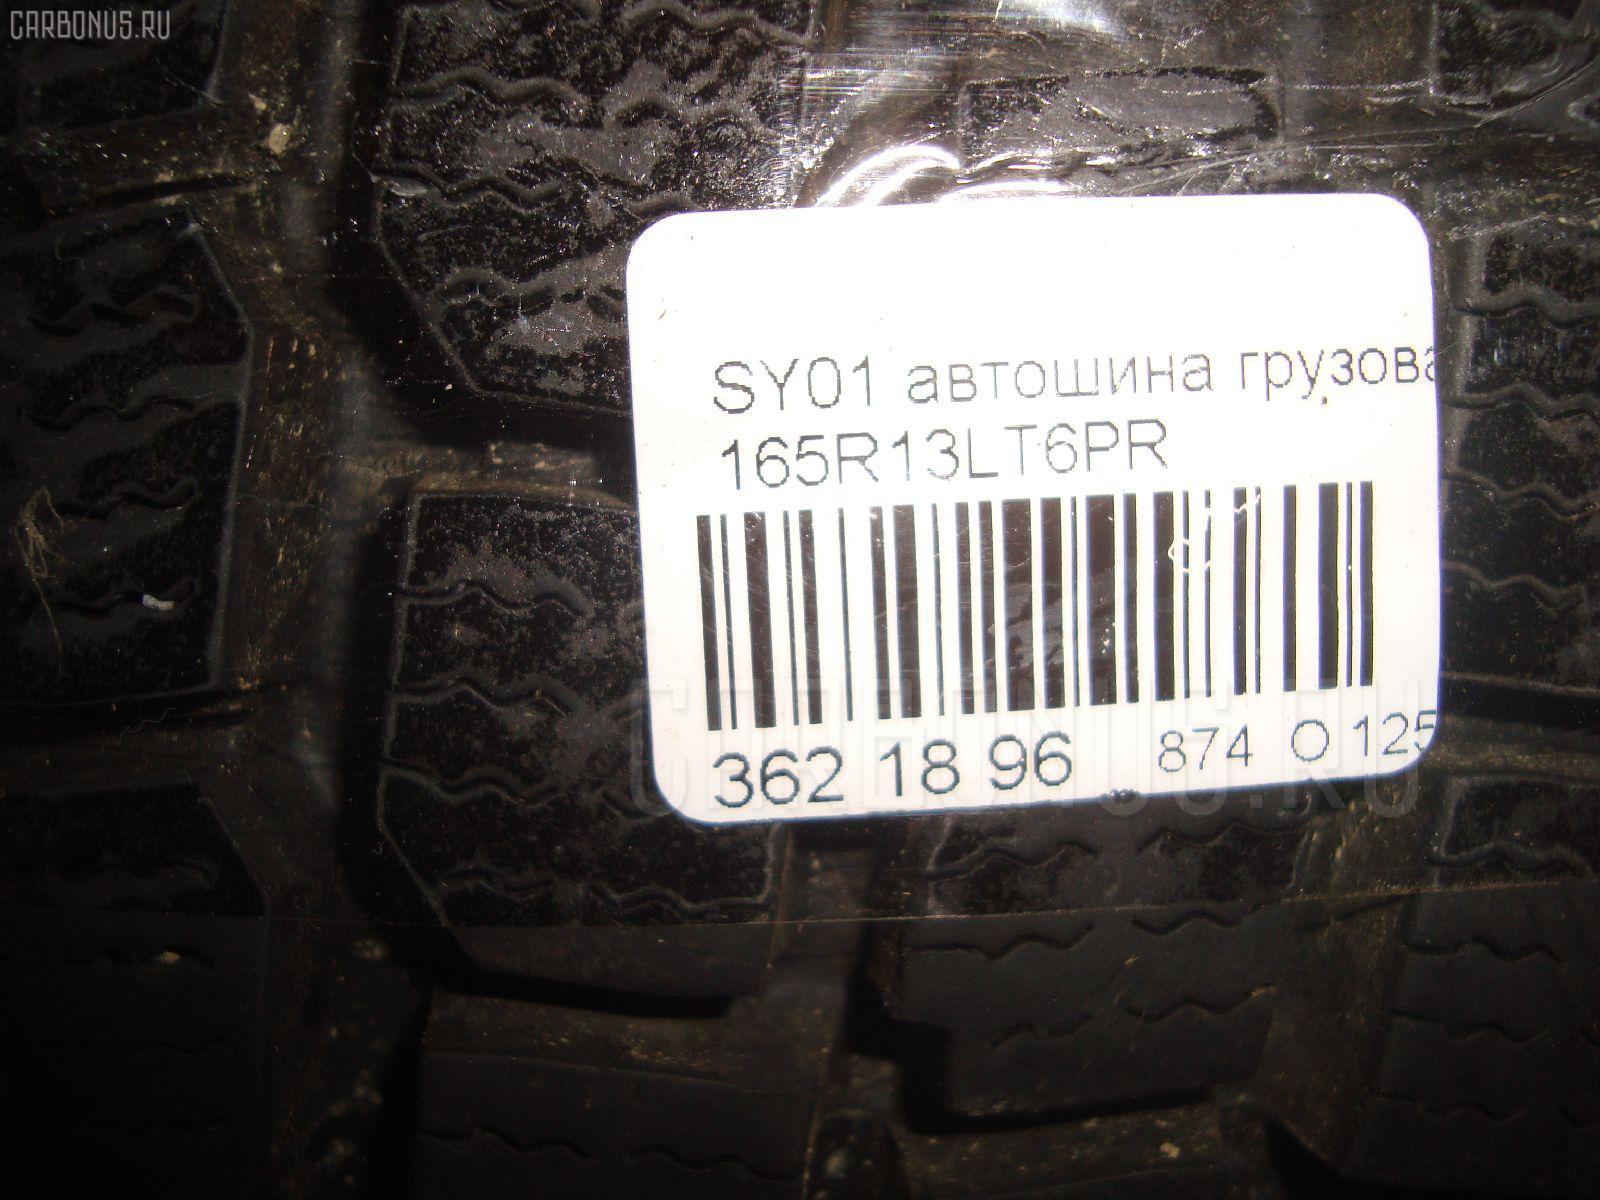 Автошина грузовая зимняя SY01 165R13LT YOKOHAMA Фото 4